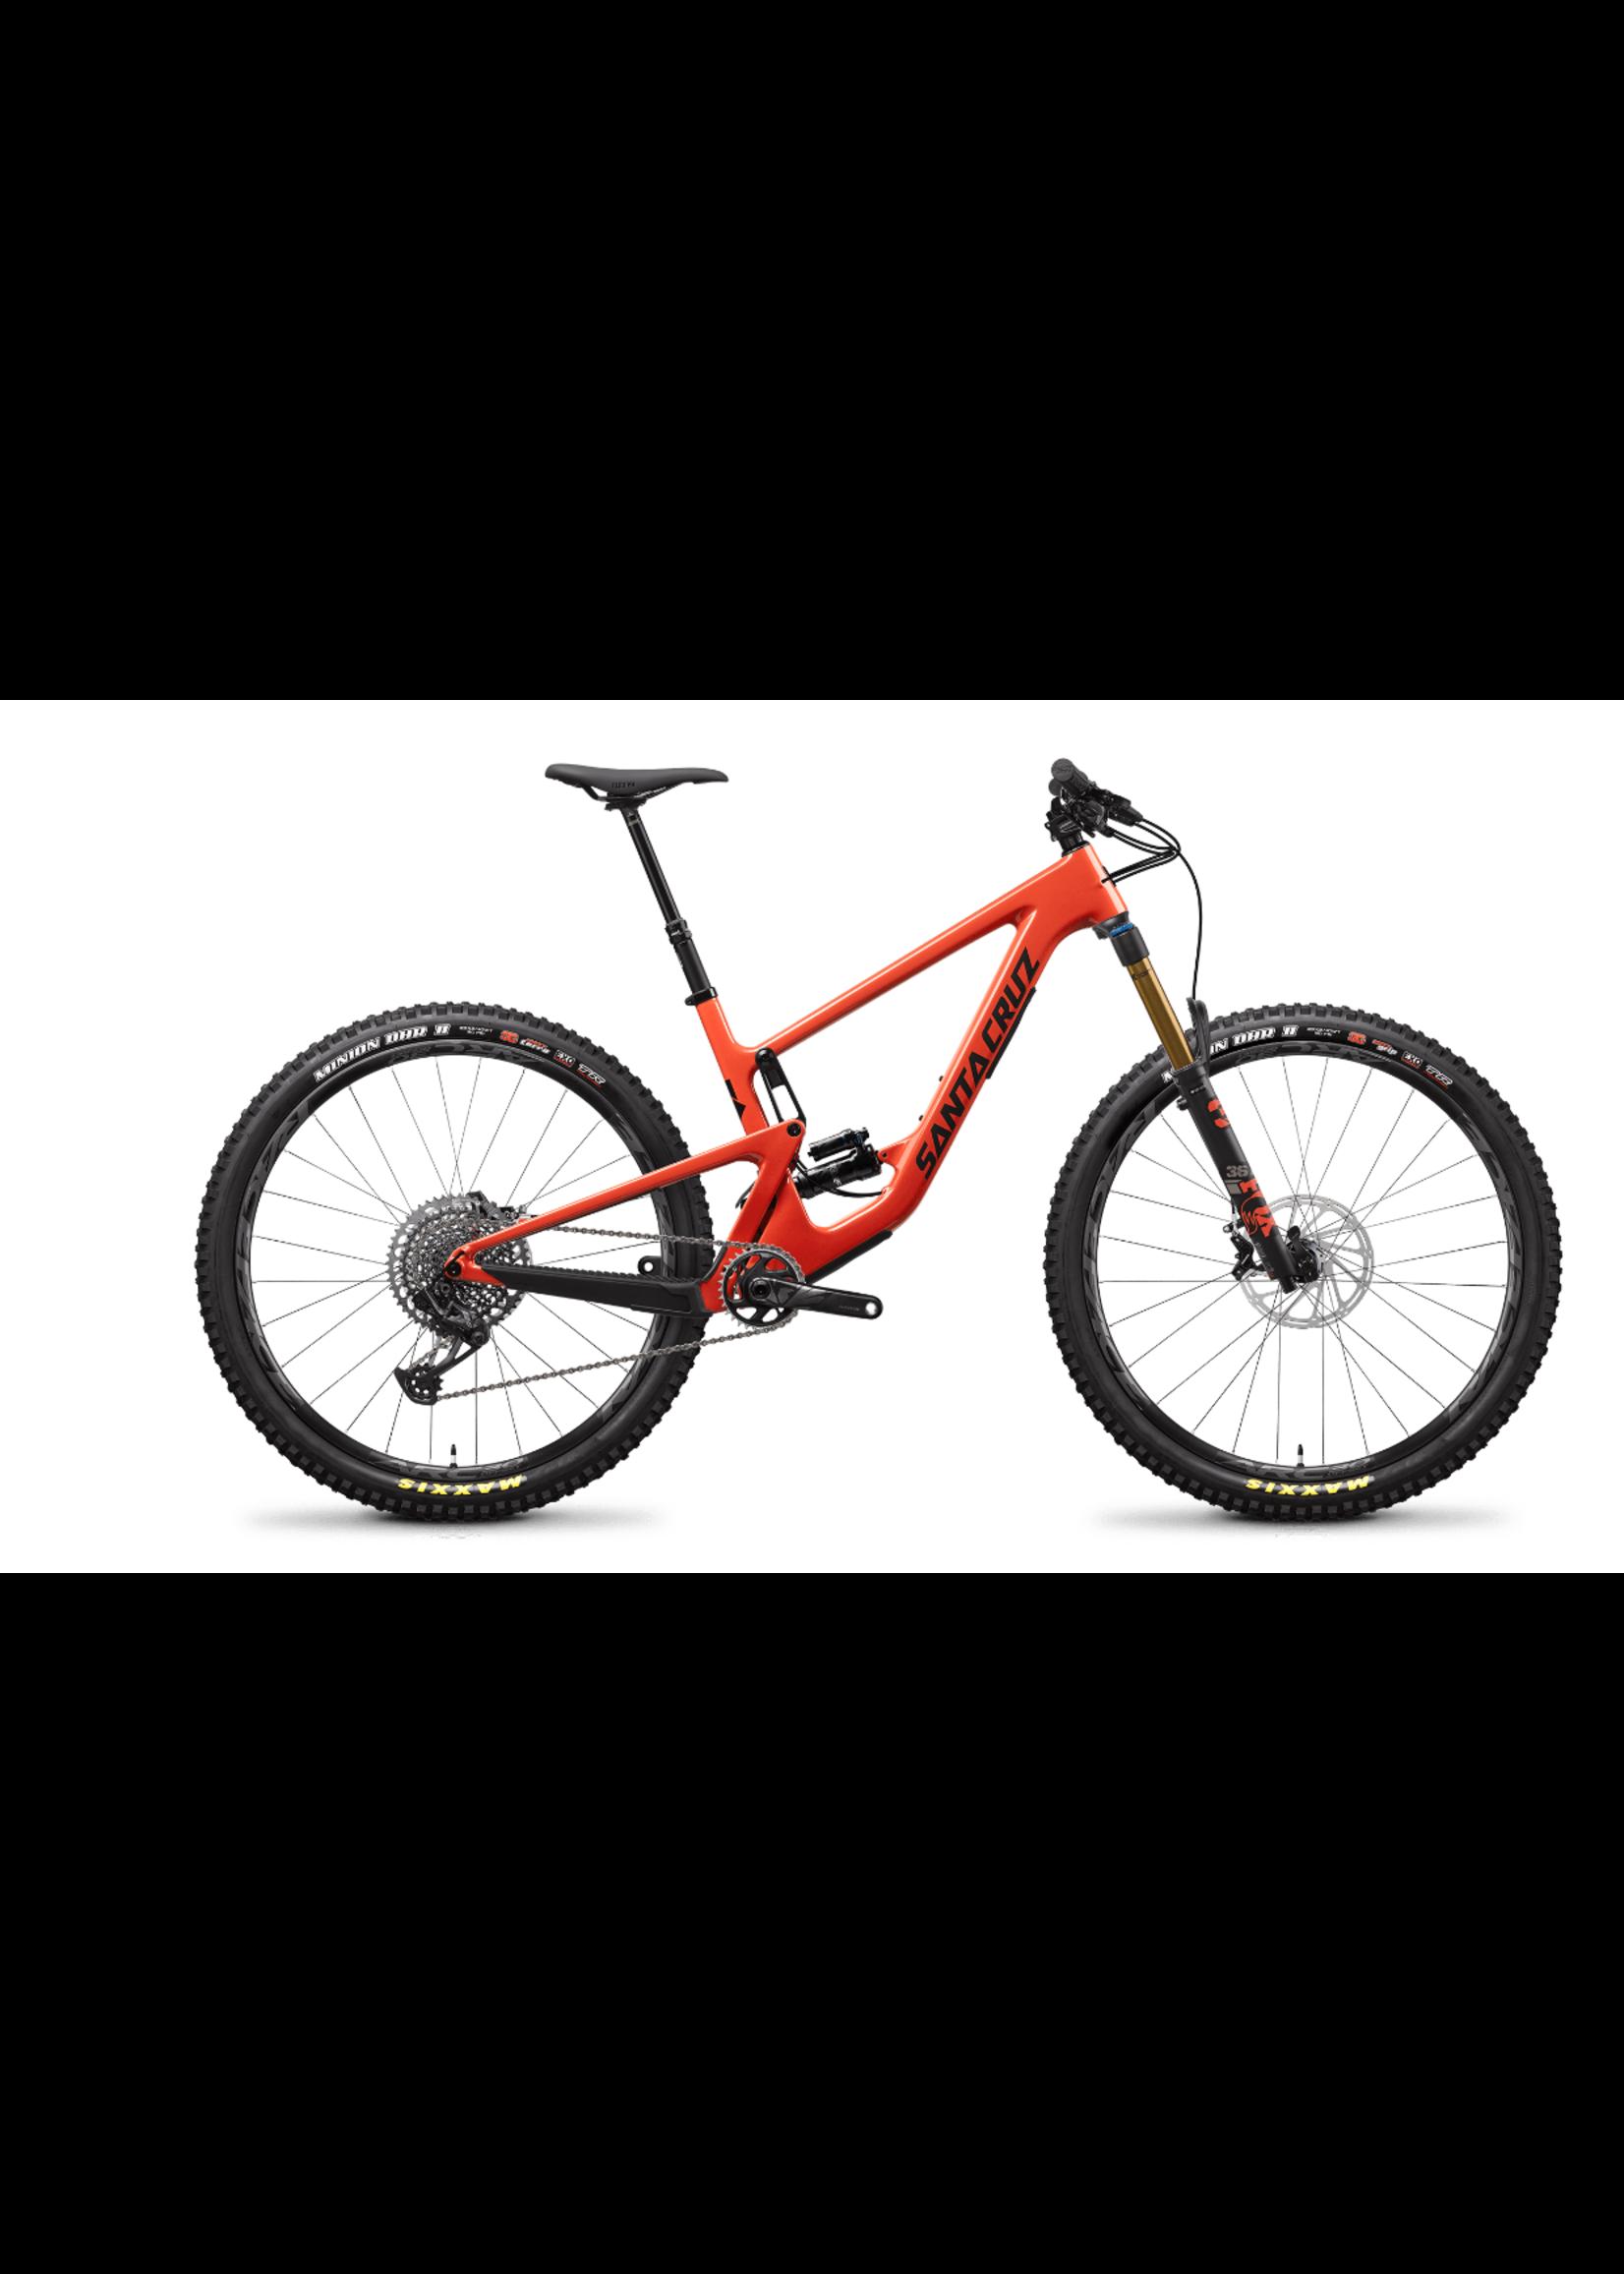 Santa Cruz Bicycles 2021 Santa Cruz Hightower CC, X01